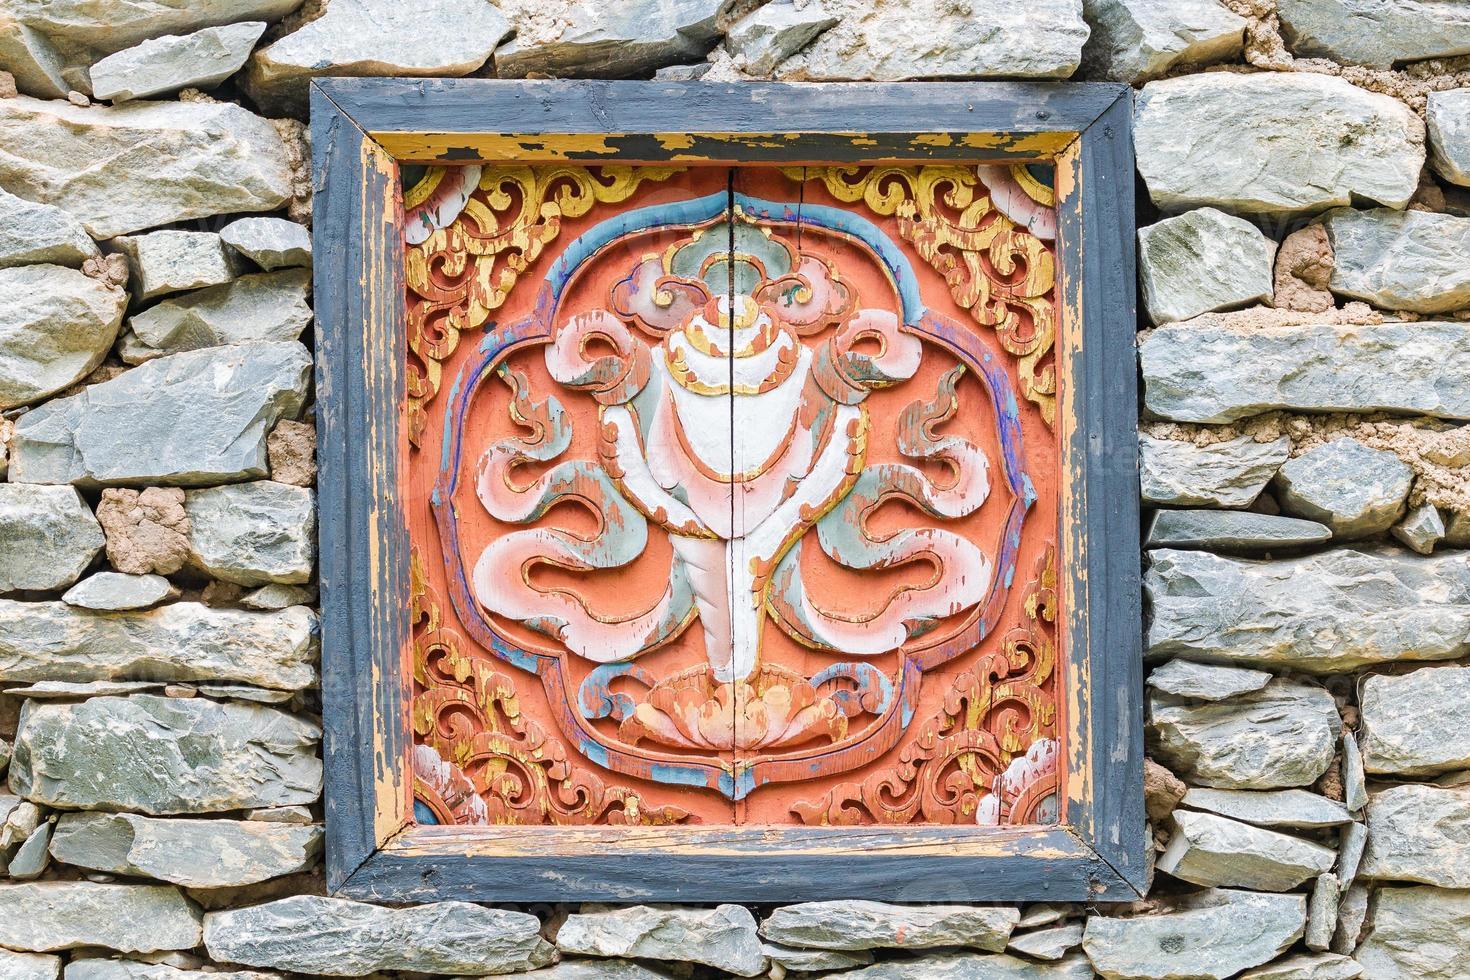 Ventana decorada tradicionalmente en piedra casa del Tíbet foto